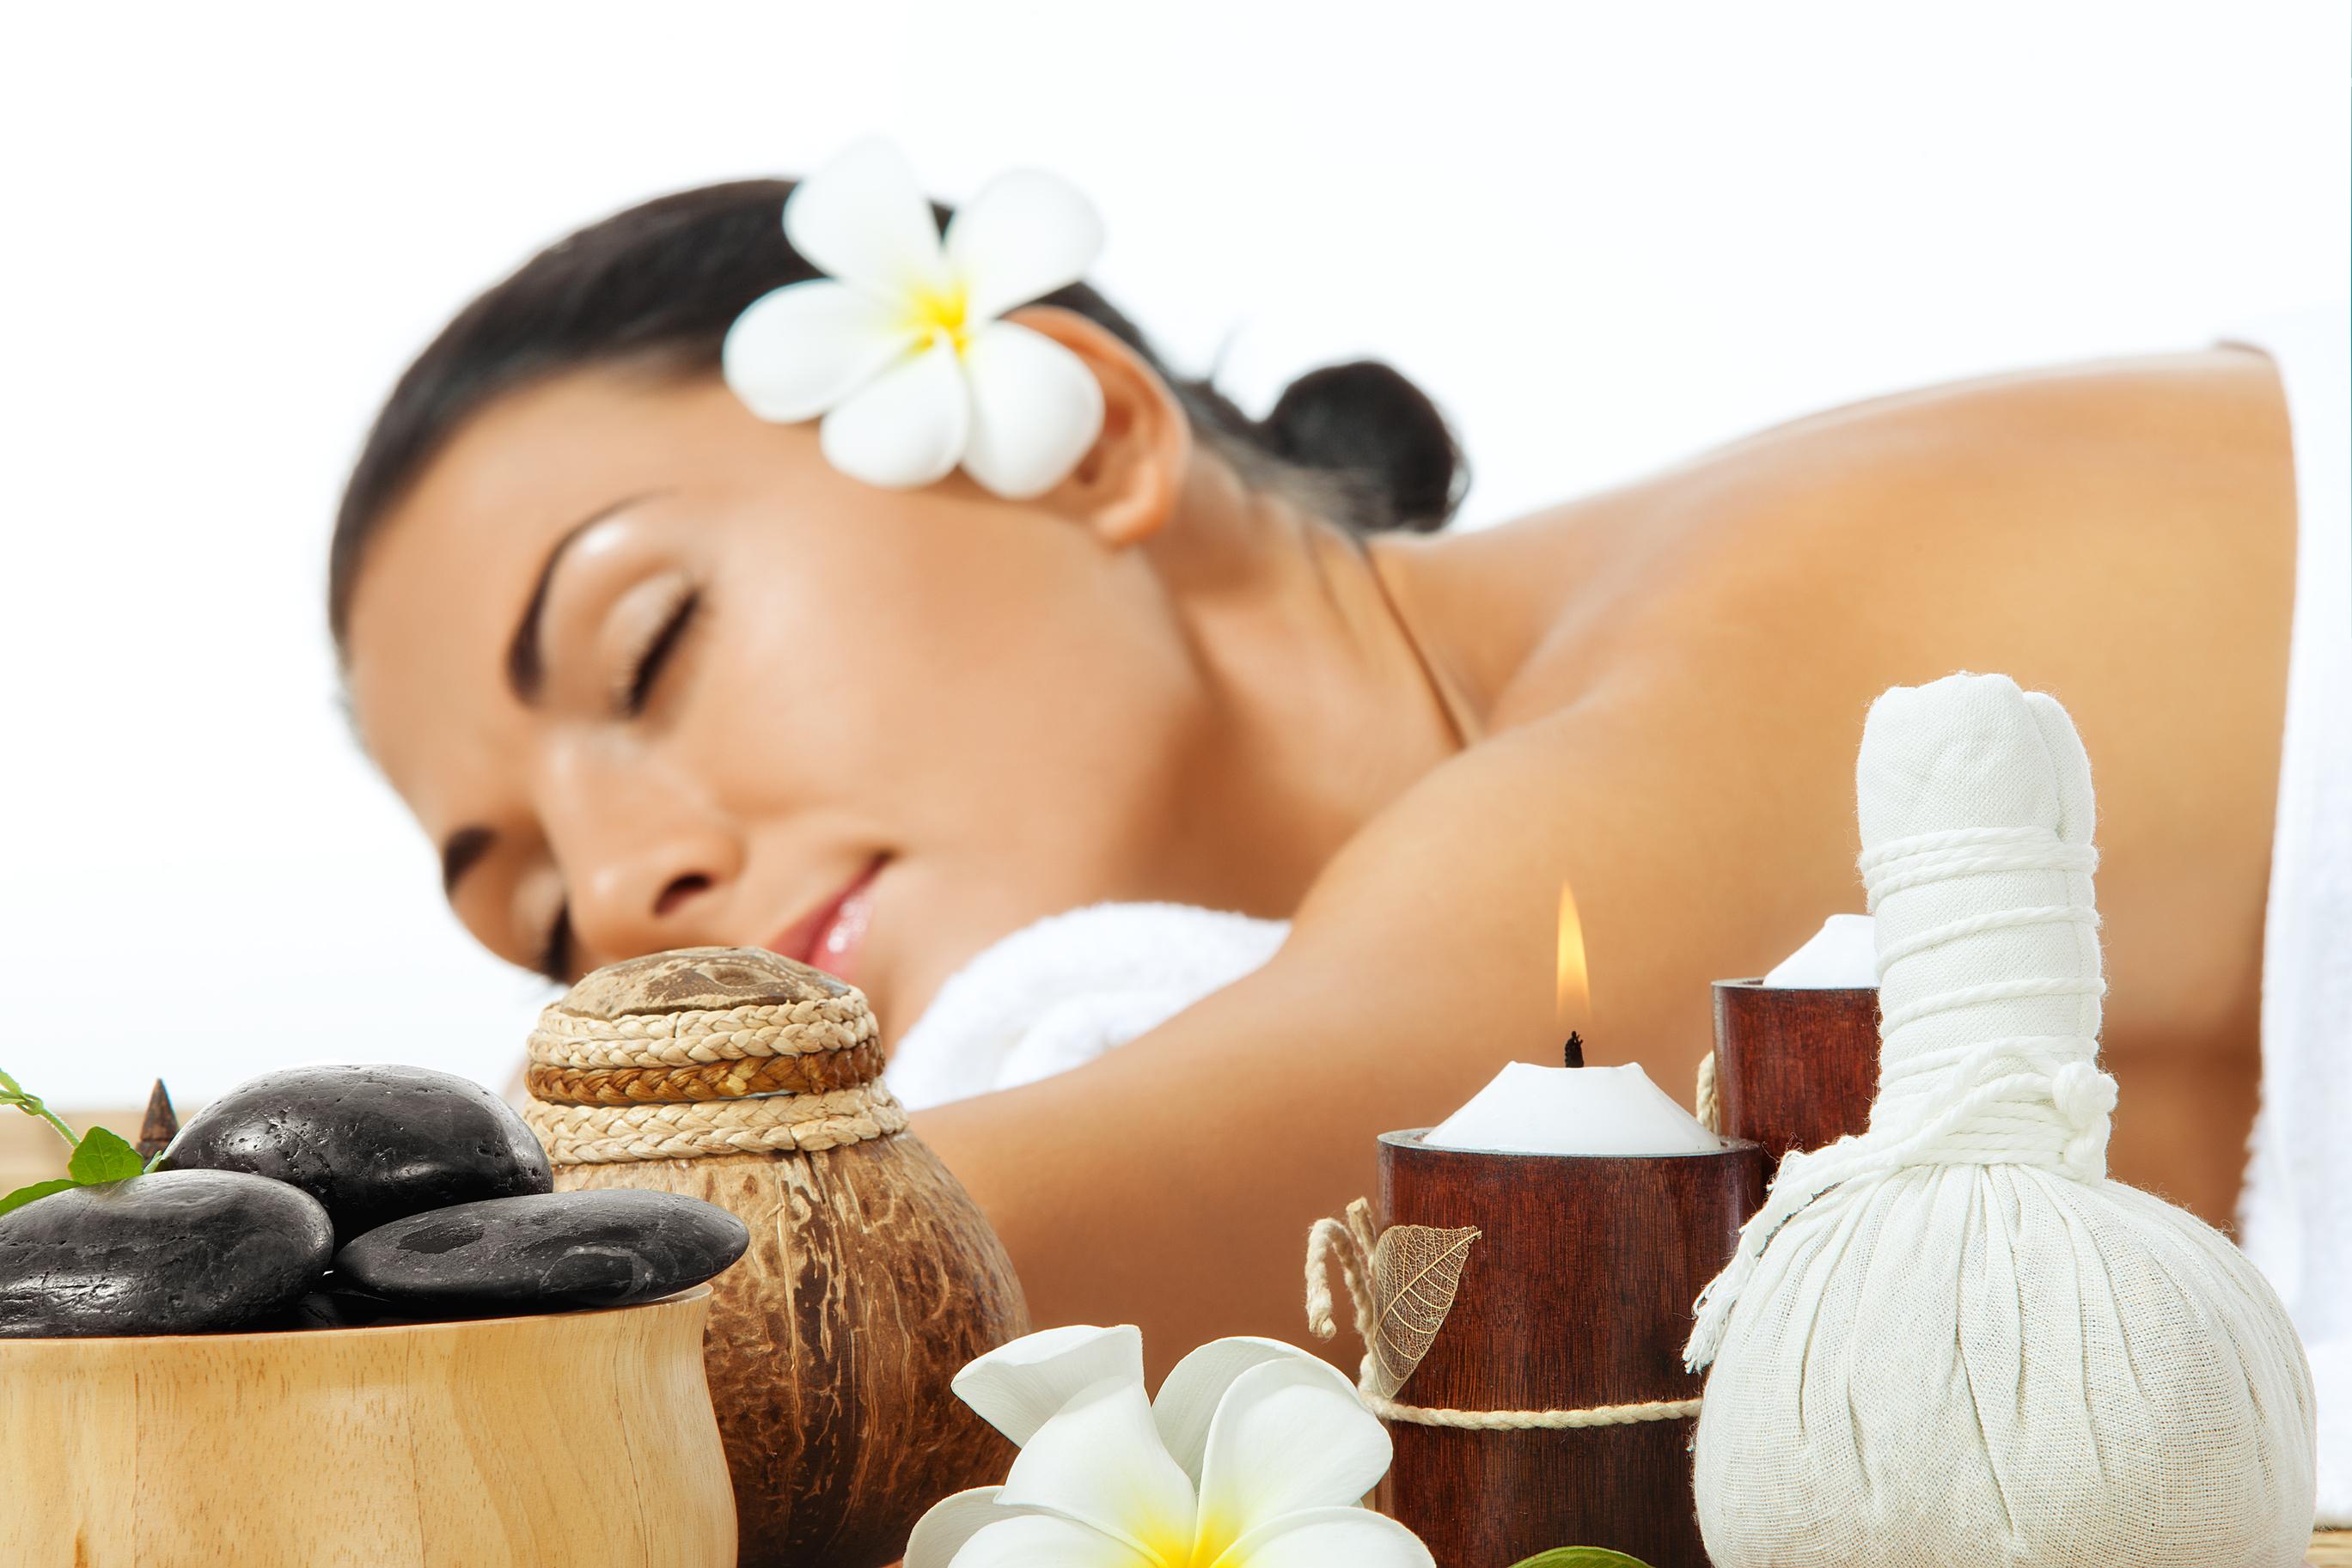 Massage the beauty enhancer